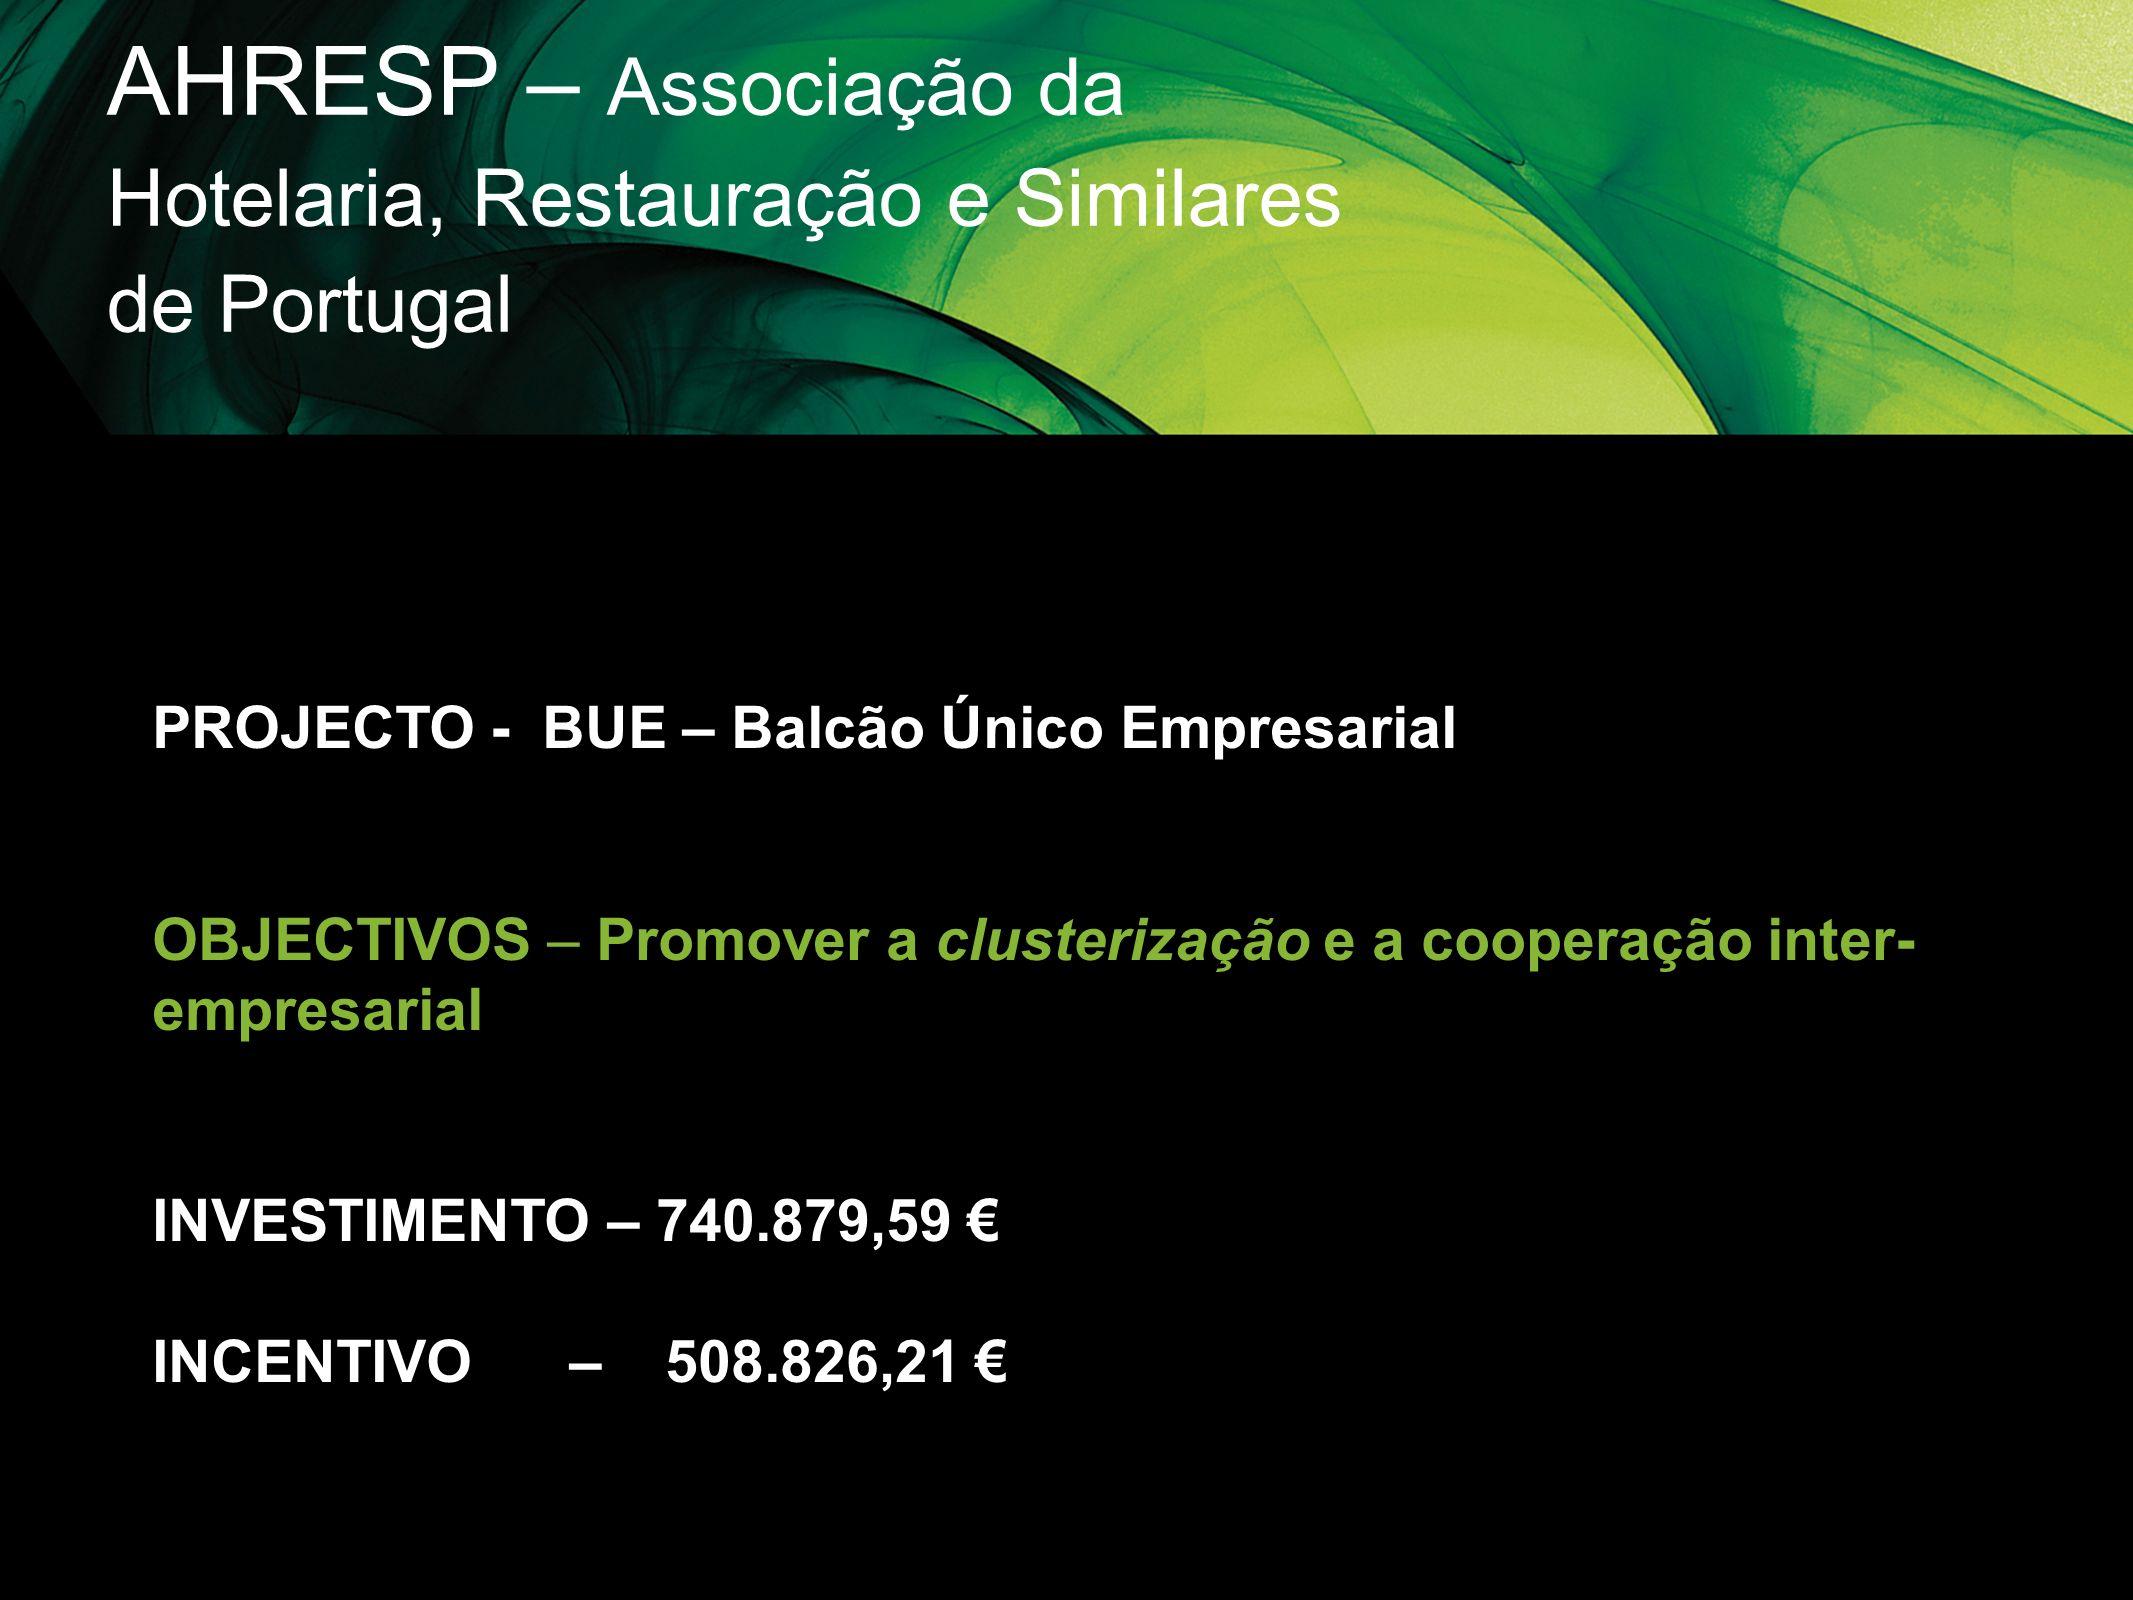 AHRESP – Associação da Hotelaria, Restauração e Similares de Portugal